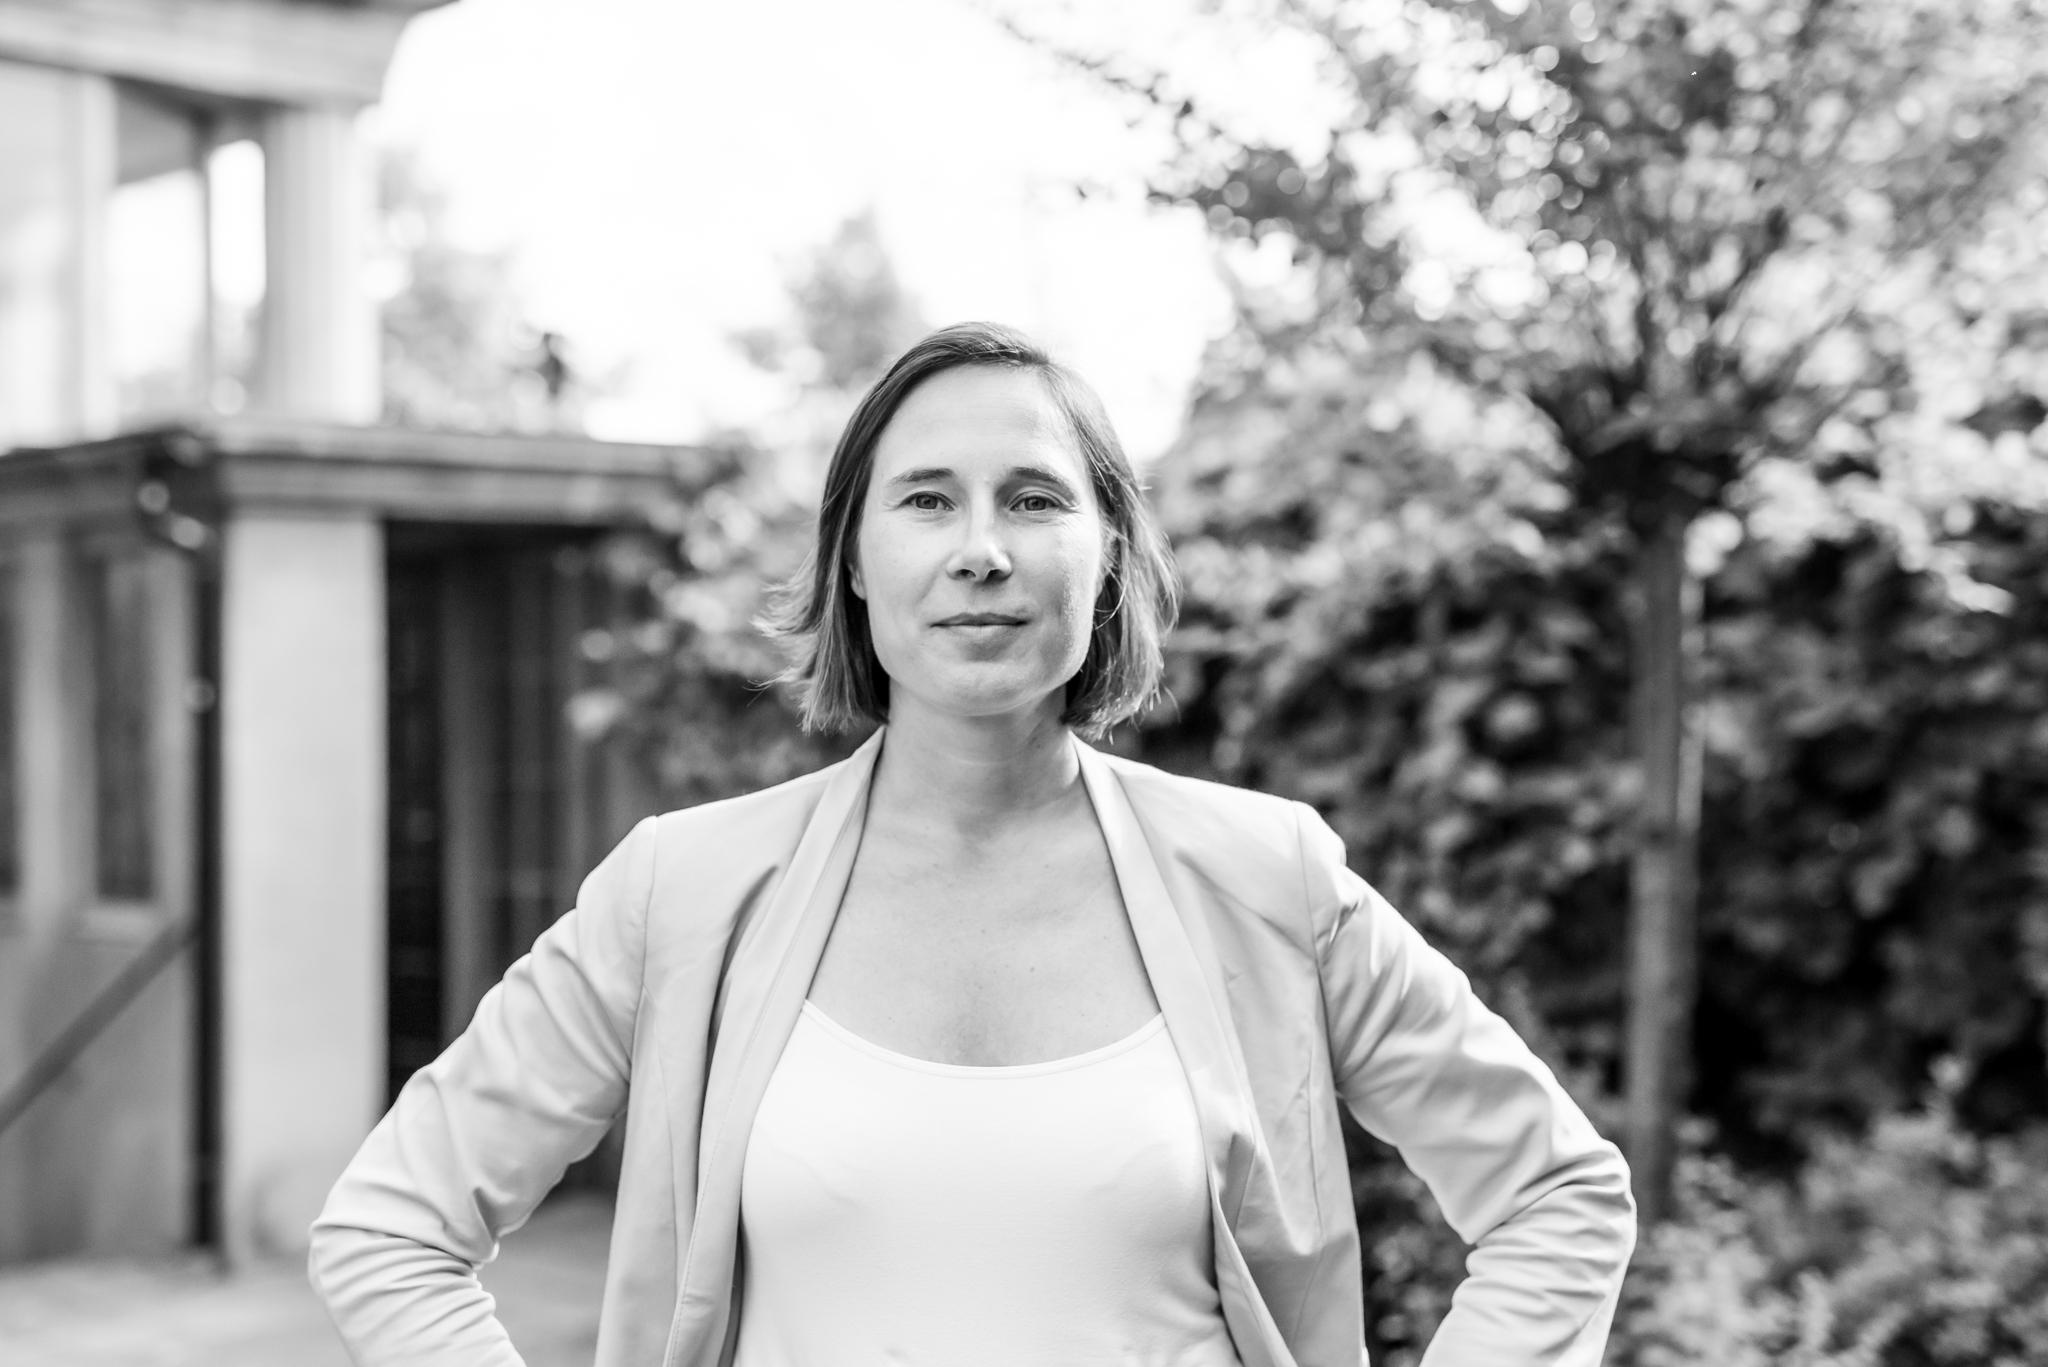 Adéla Horáková